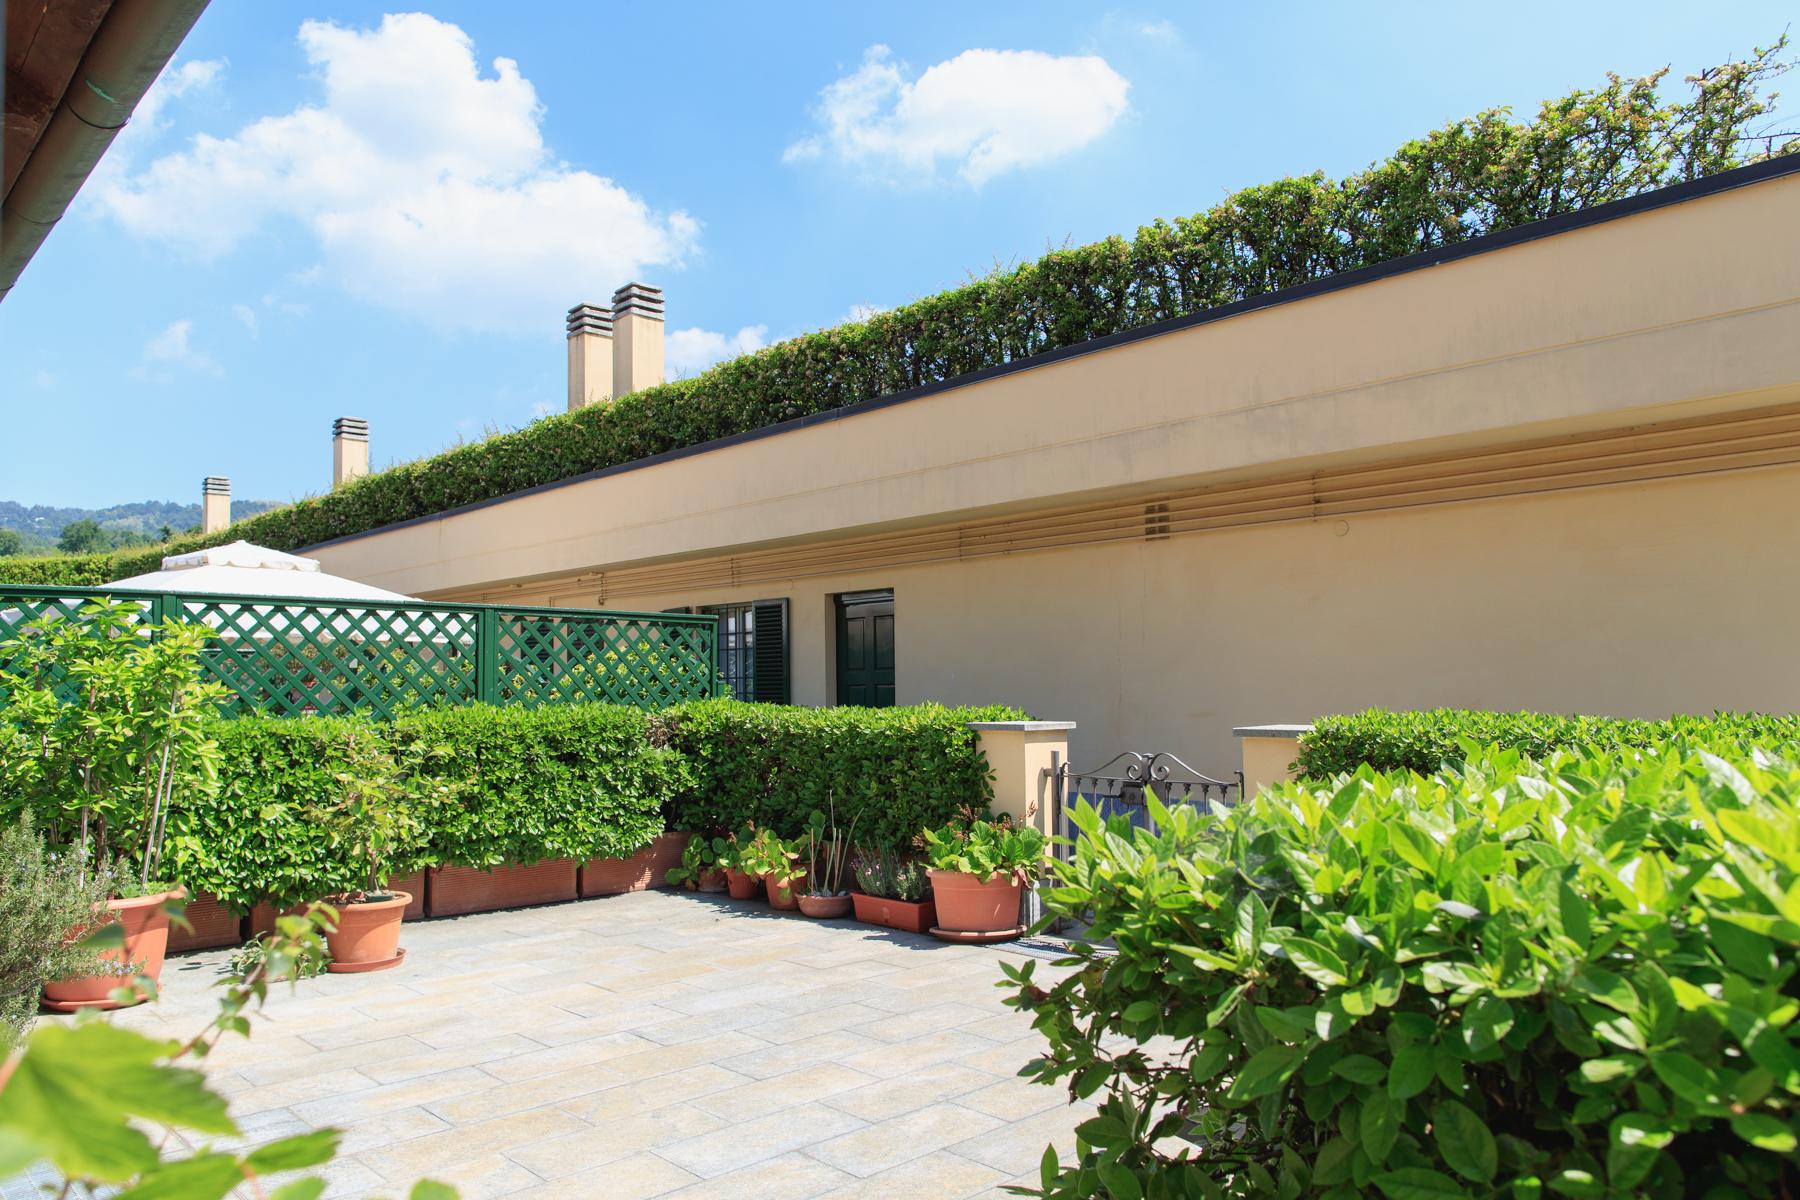 Casa indipendente in Vendita a Moncalieri: 5 locali, 370 mq - Foto 22